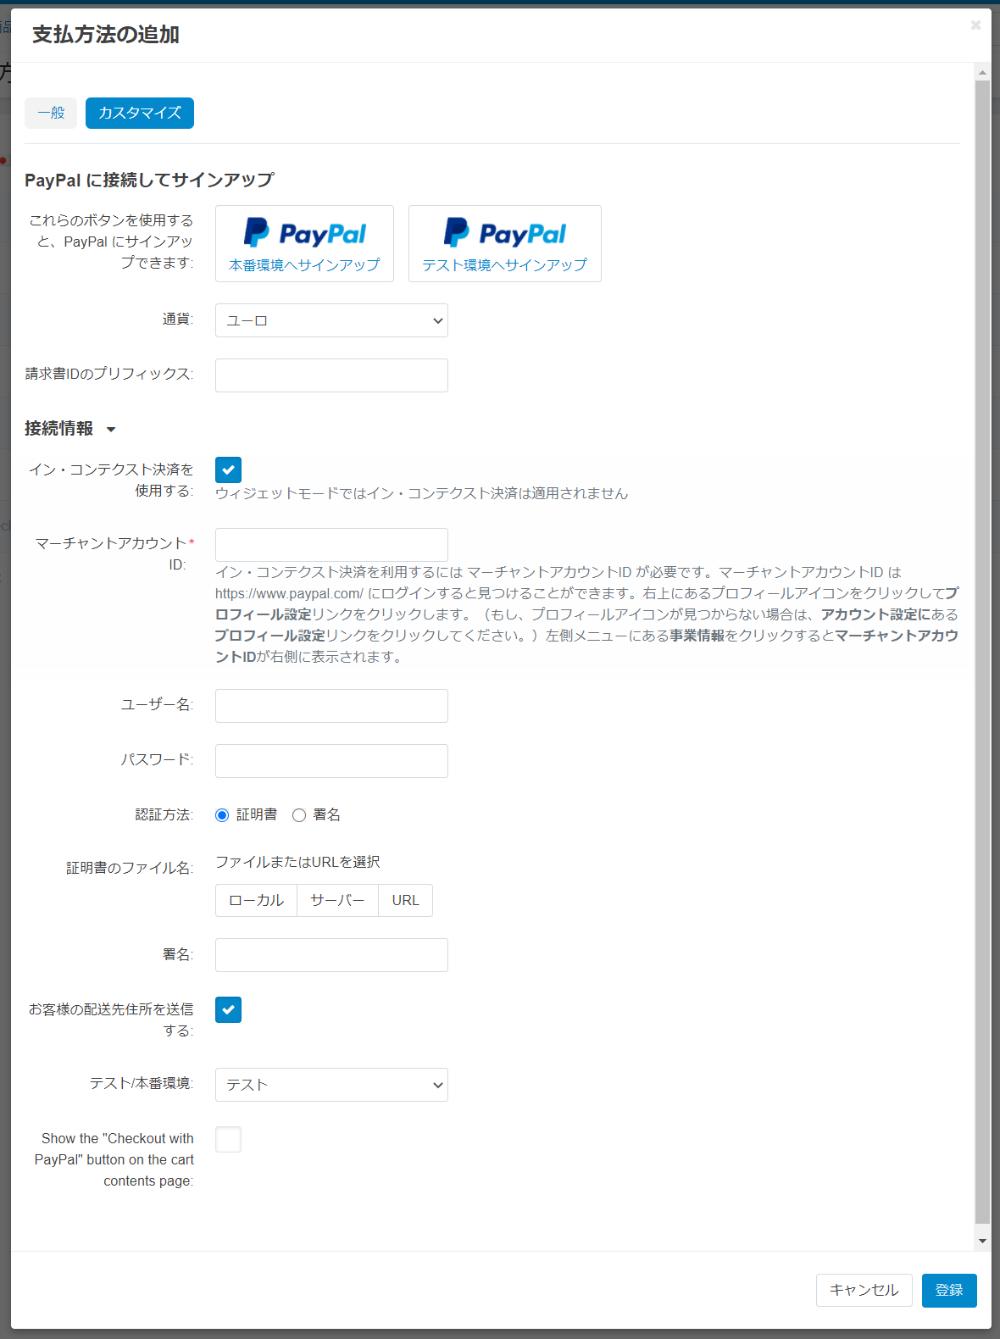 支払方法の追加:接続情報